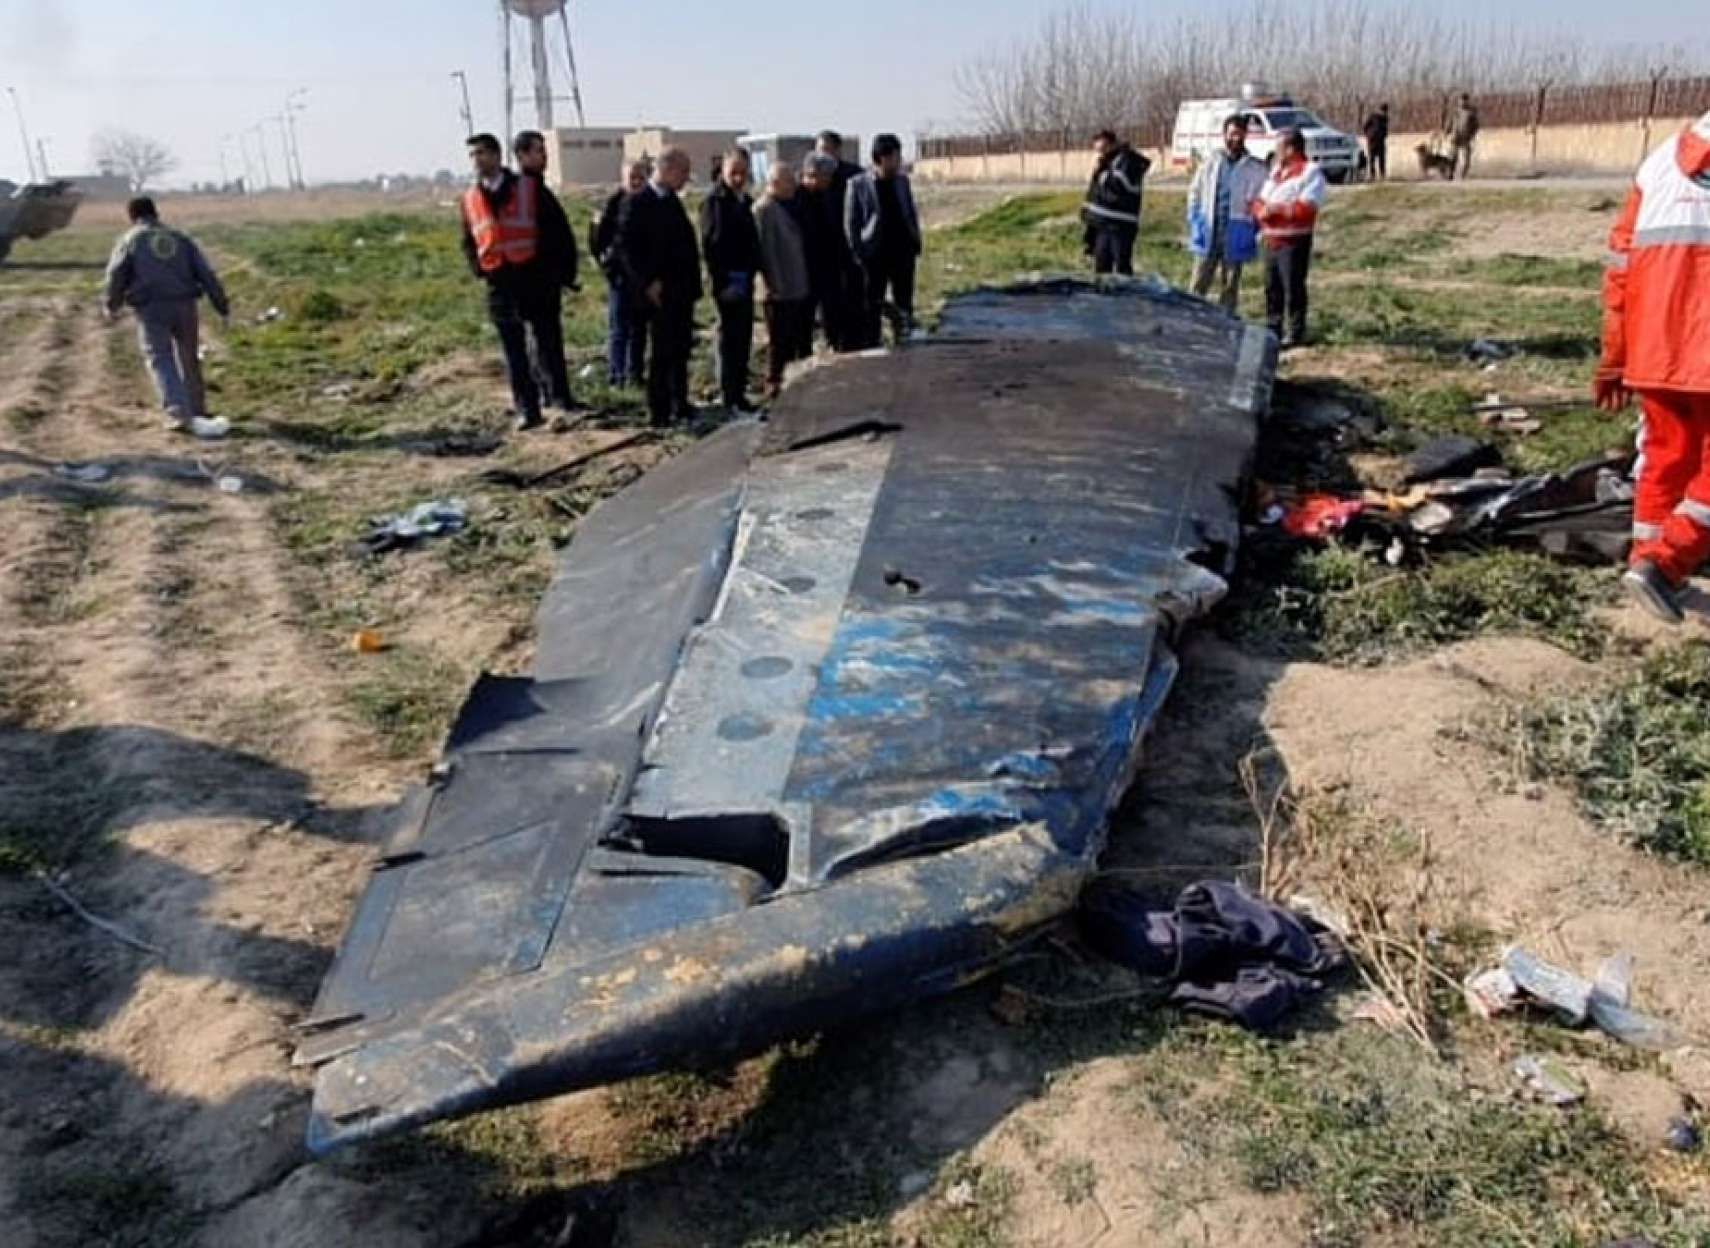 خبر-کانادا-کمیته-حقیقت-یاب-کانادا-ایران-نقشه-از-پیش-طراحی-شده-زدن-هواپیمای-اوکراینی-نداشته